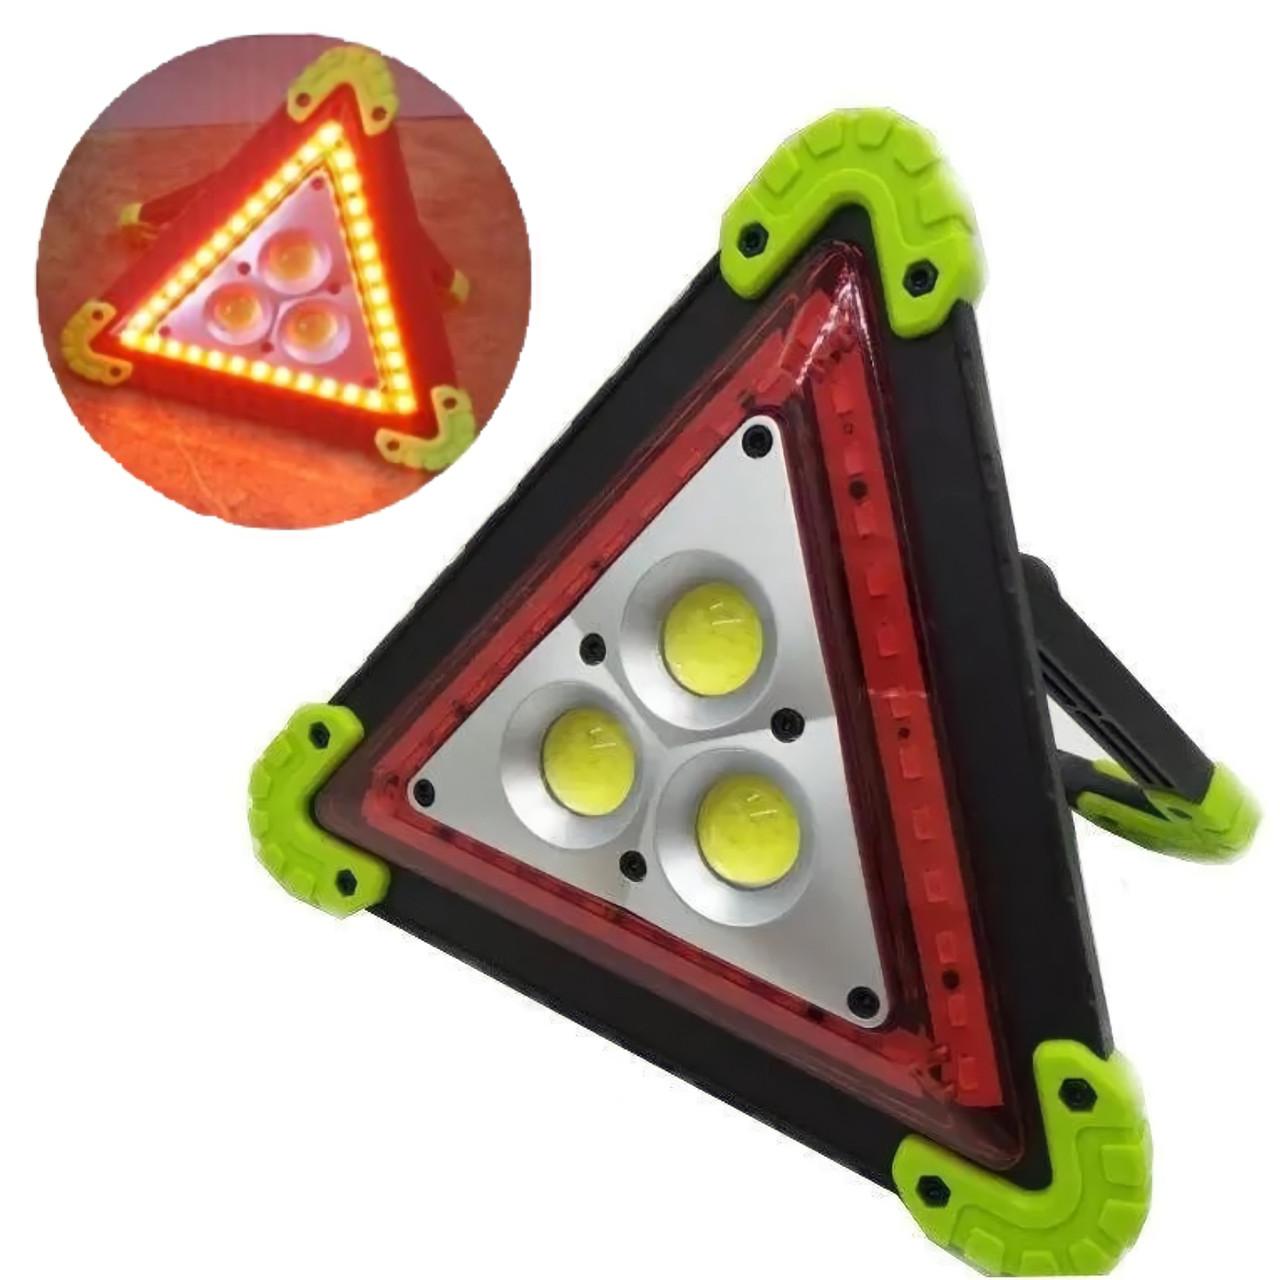 Многофункциональный прожектор аккумуляторный LED 30W LL-303 360 LED знак аварийный   Аварийка  